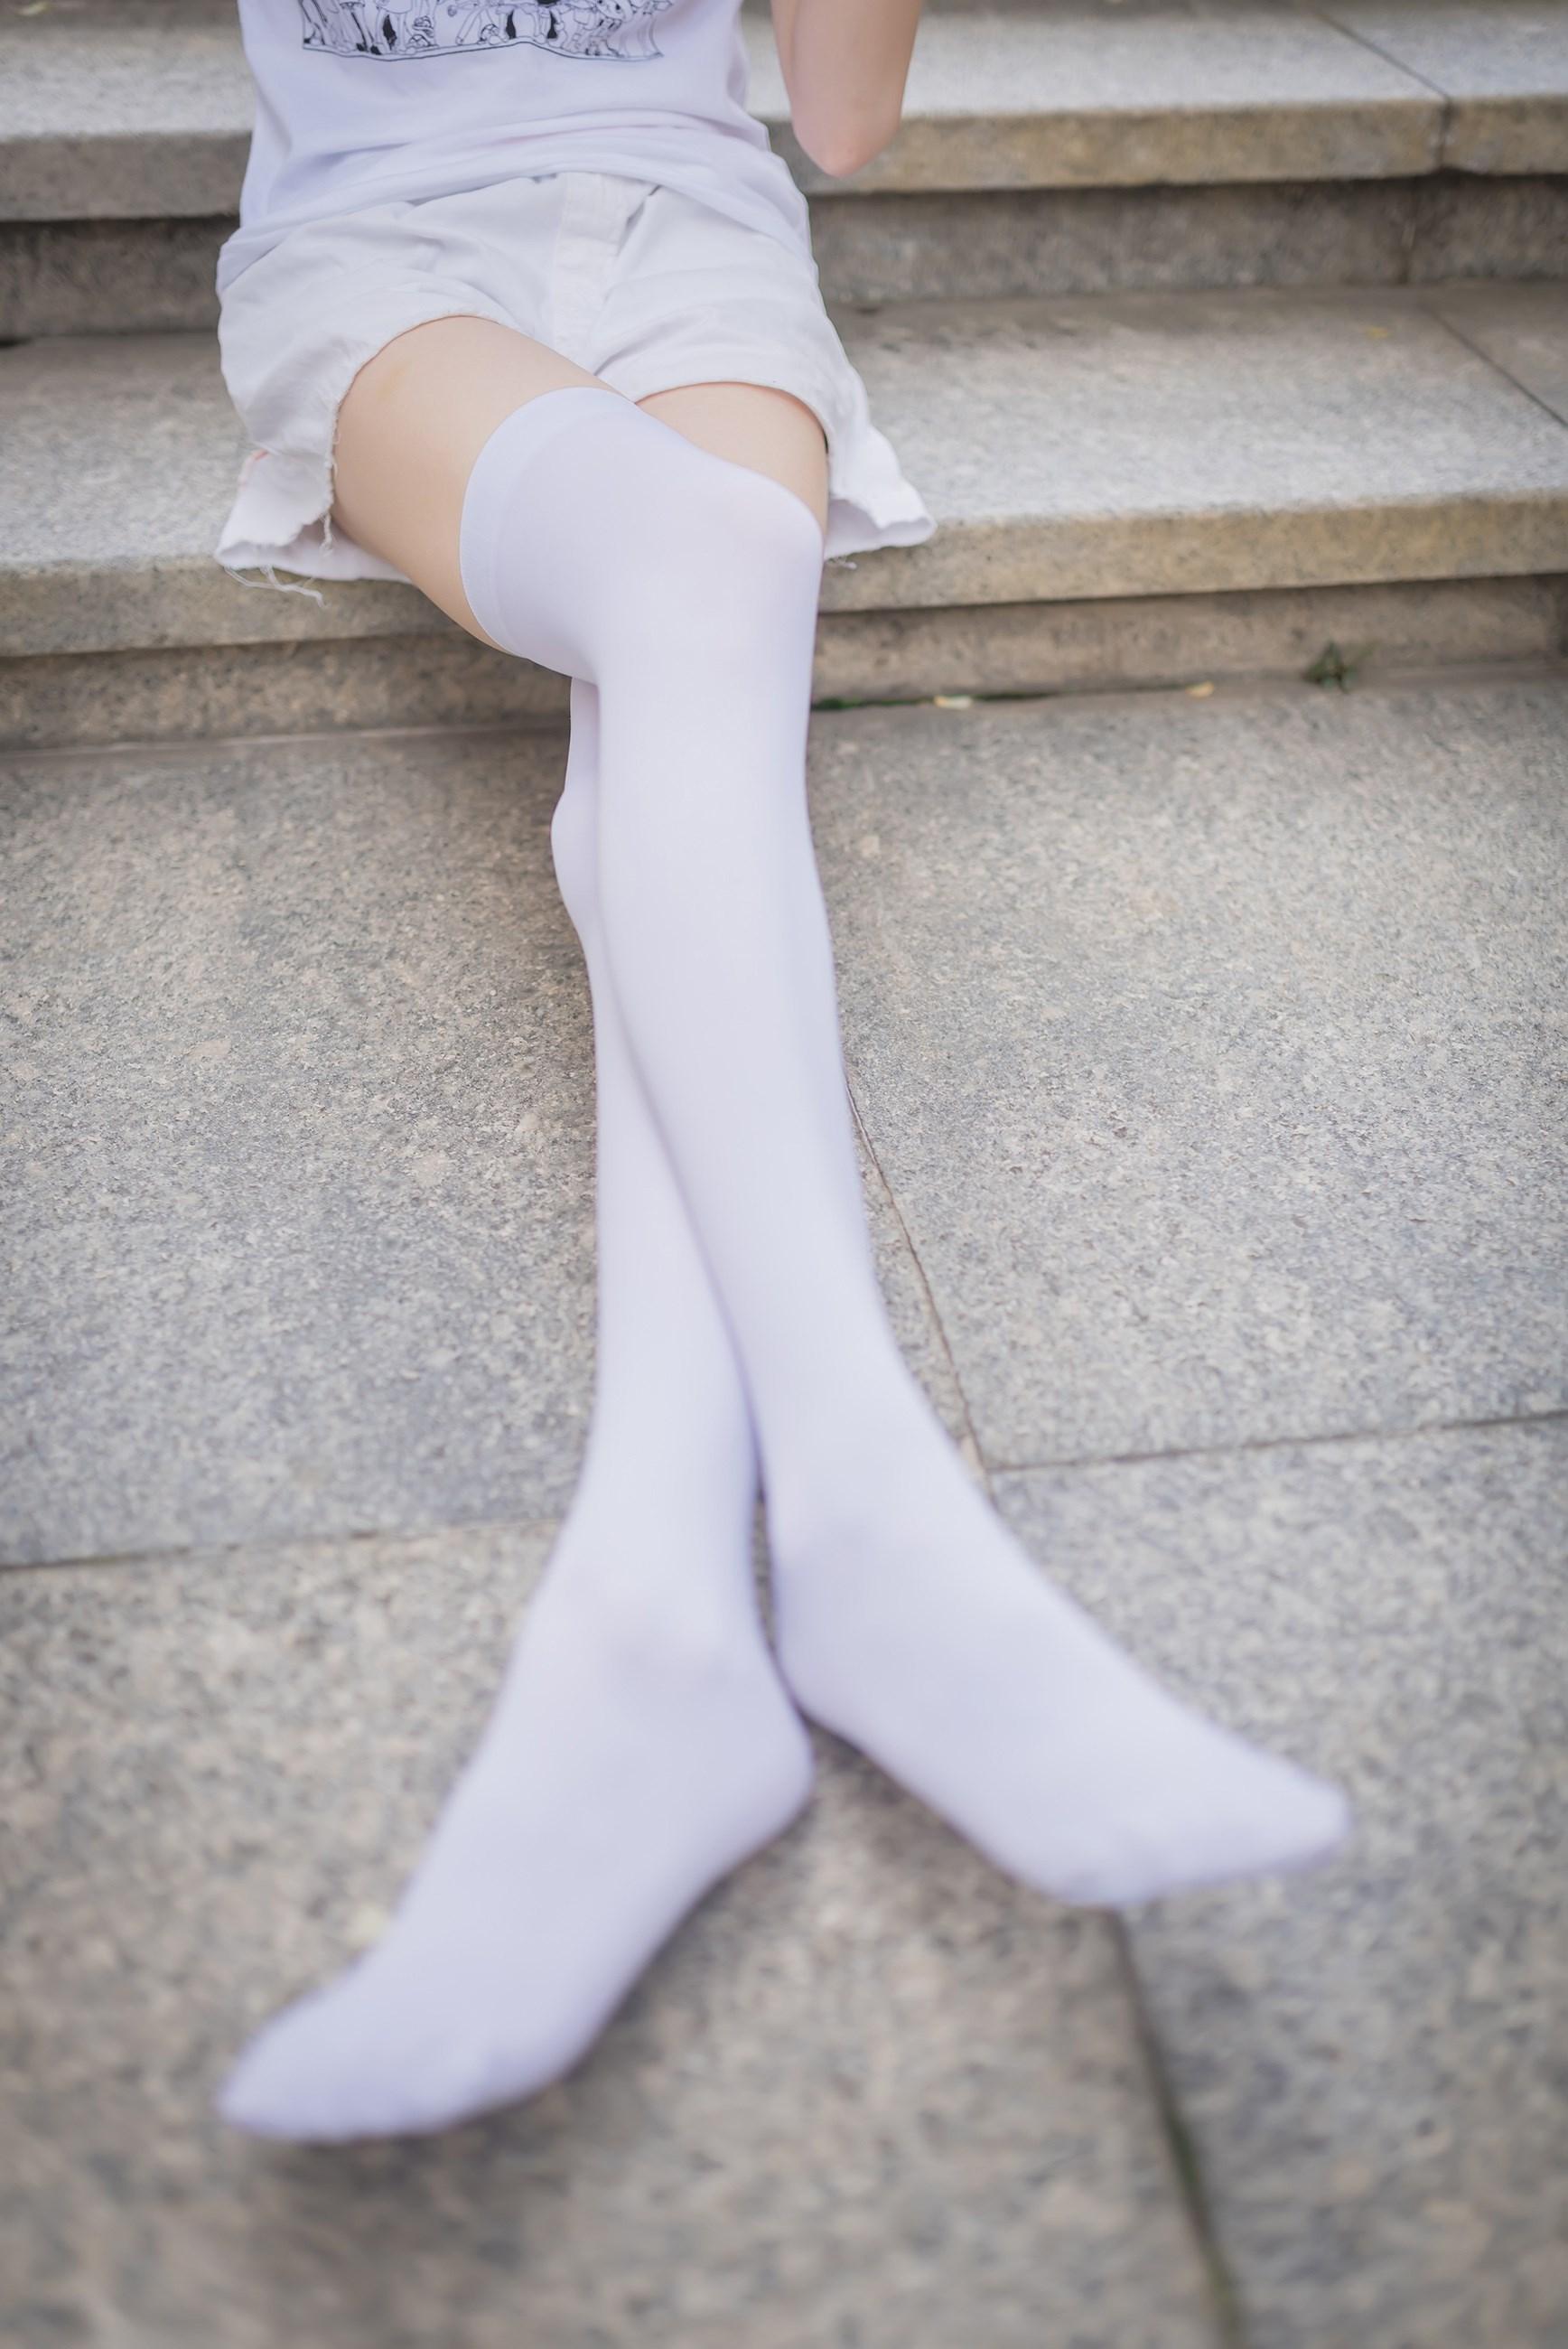 【兔玩映画】白丝过膝袜 兔玩映画 第11张